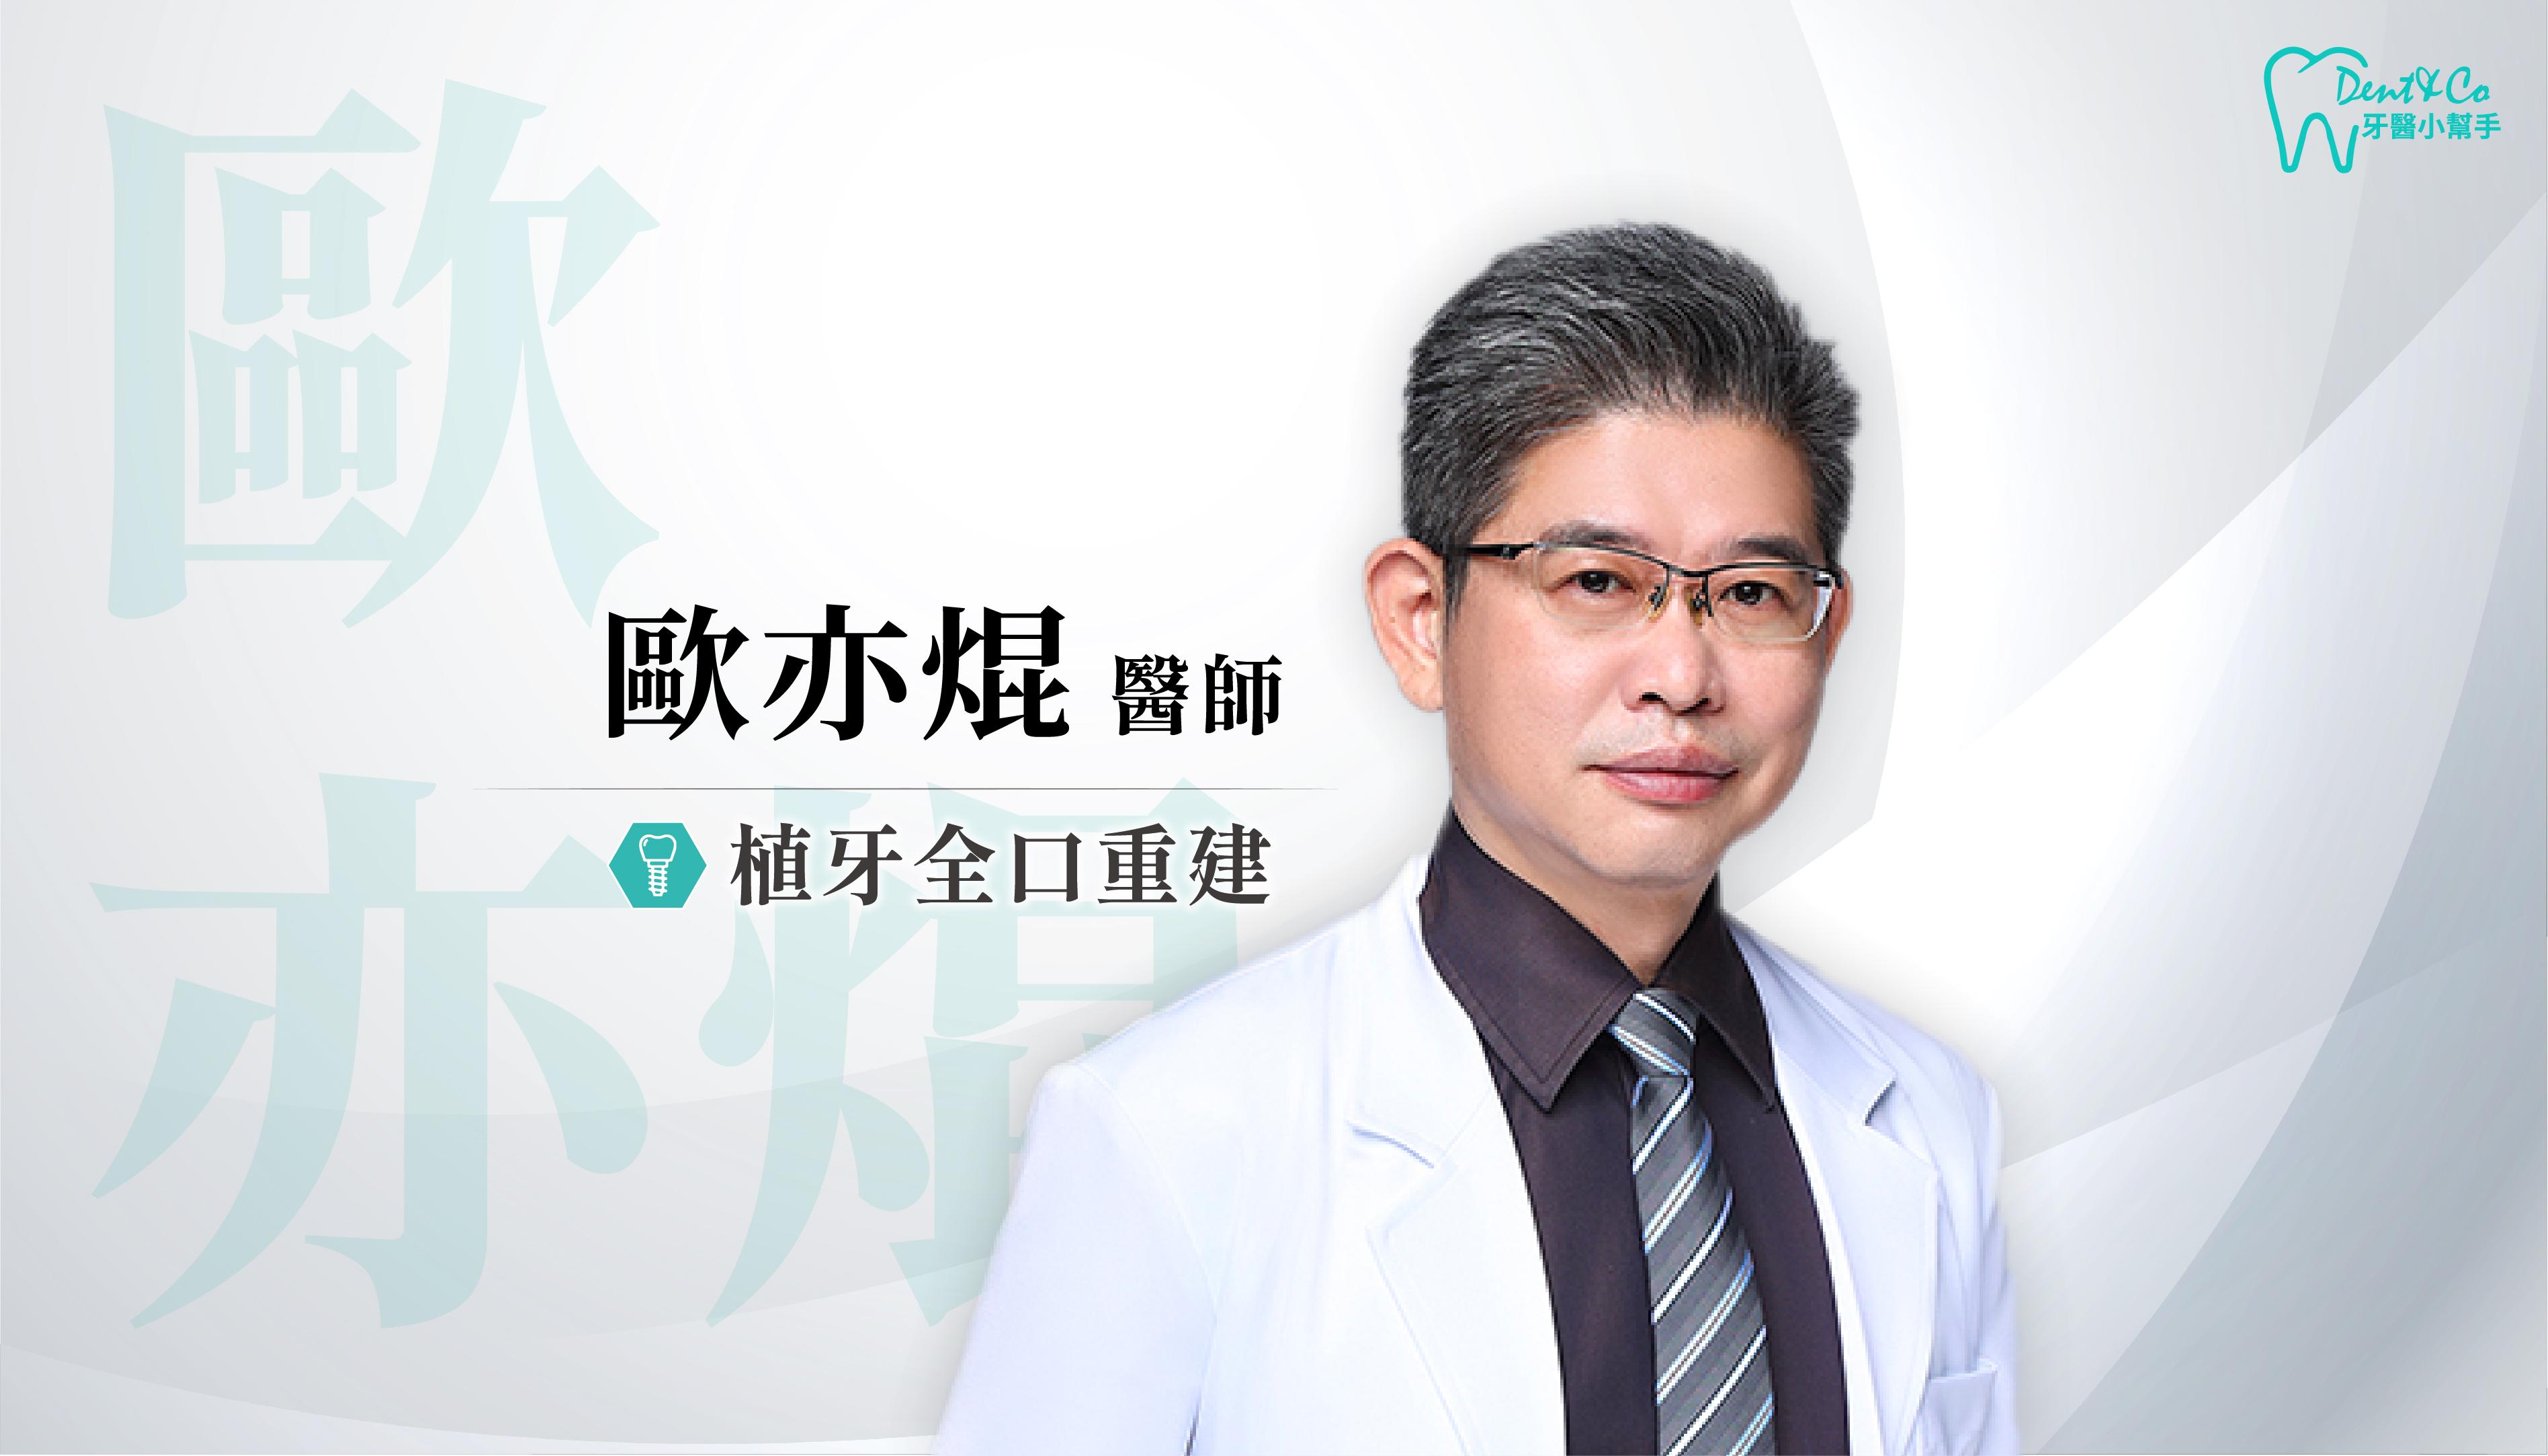 醫師形象照_歐亦焜.png